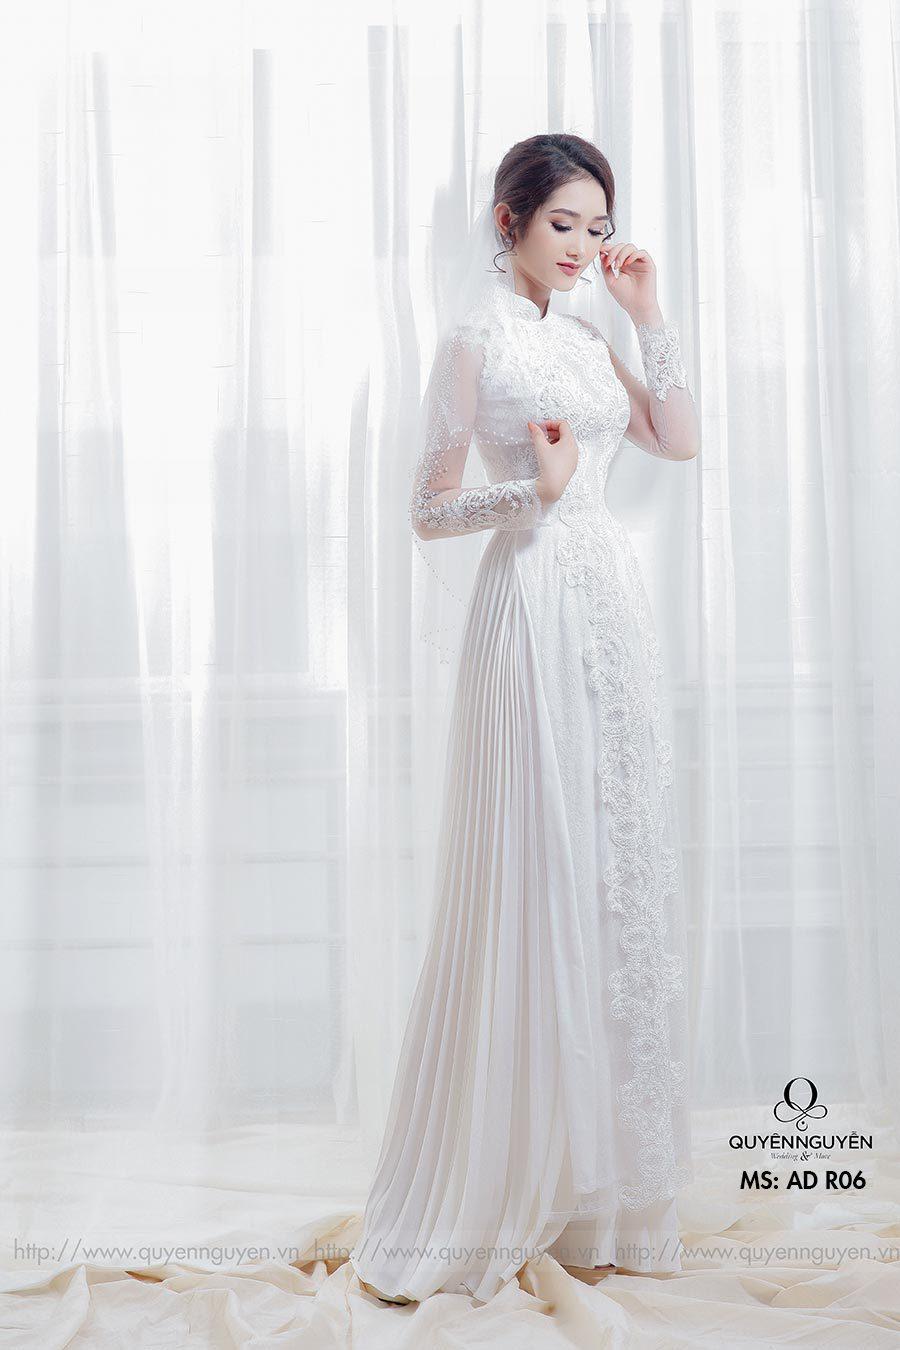 6 mẫu áo dài cưới 2020 ren trắng thanh lịch và quyến rũ cho các nàng dâu